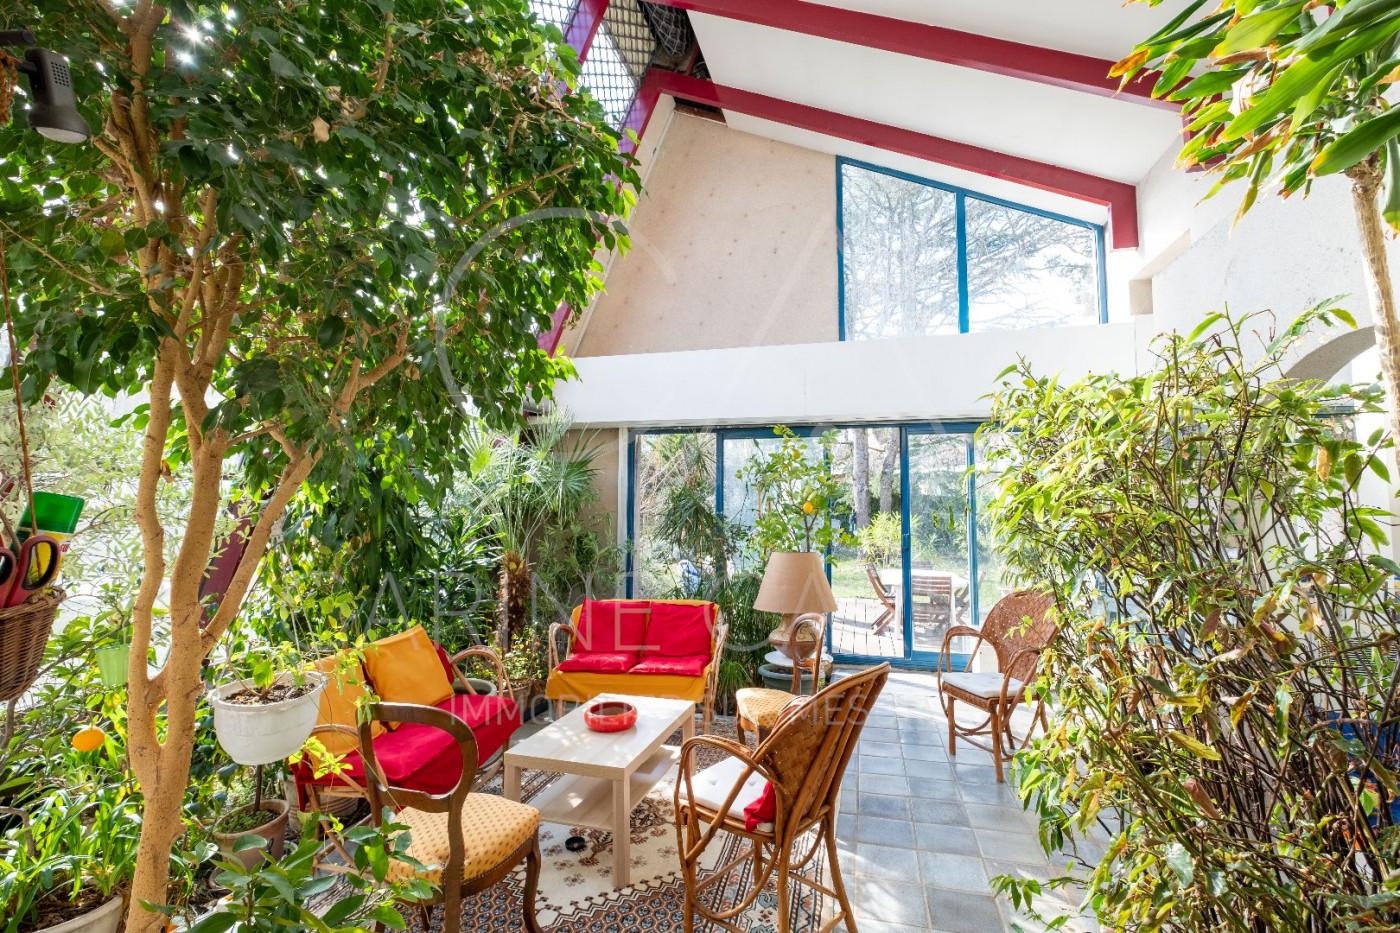 A vendre  Charbonnieres Les Bains | Réf 6902450 - Carrue immobilier